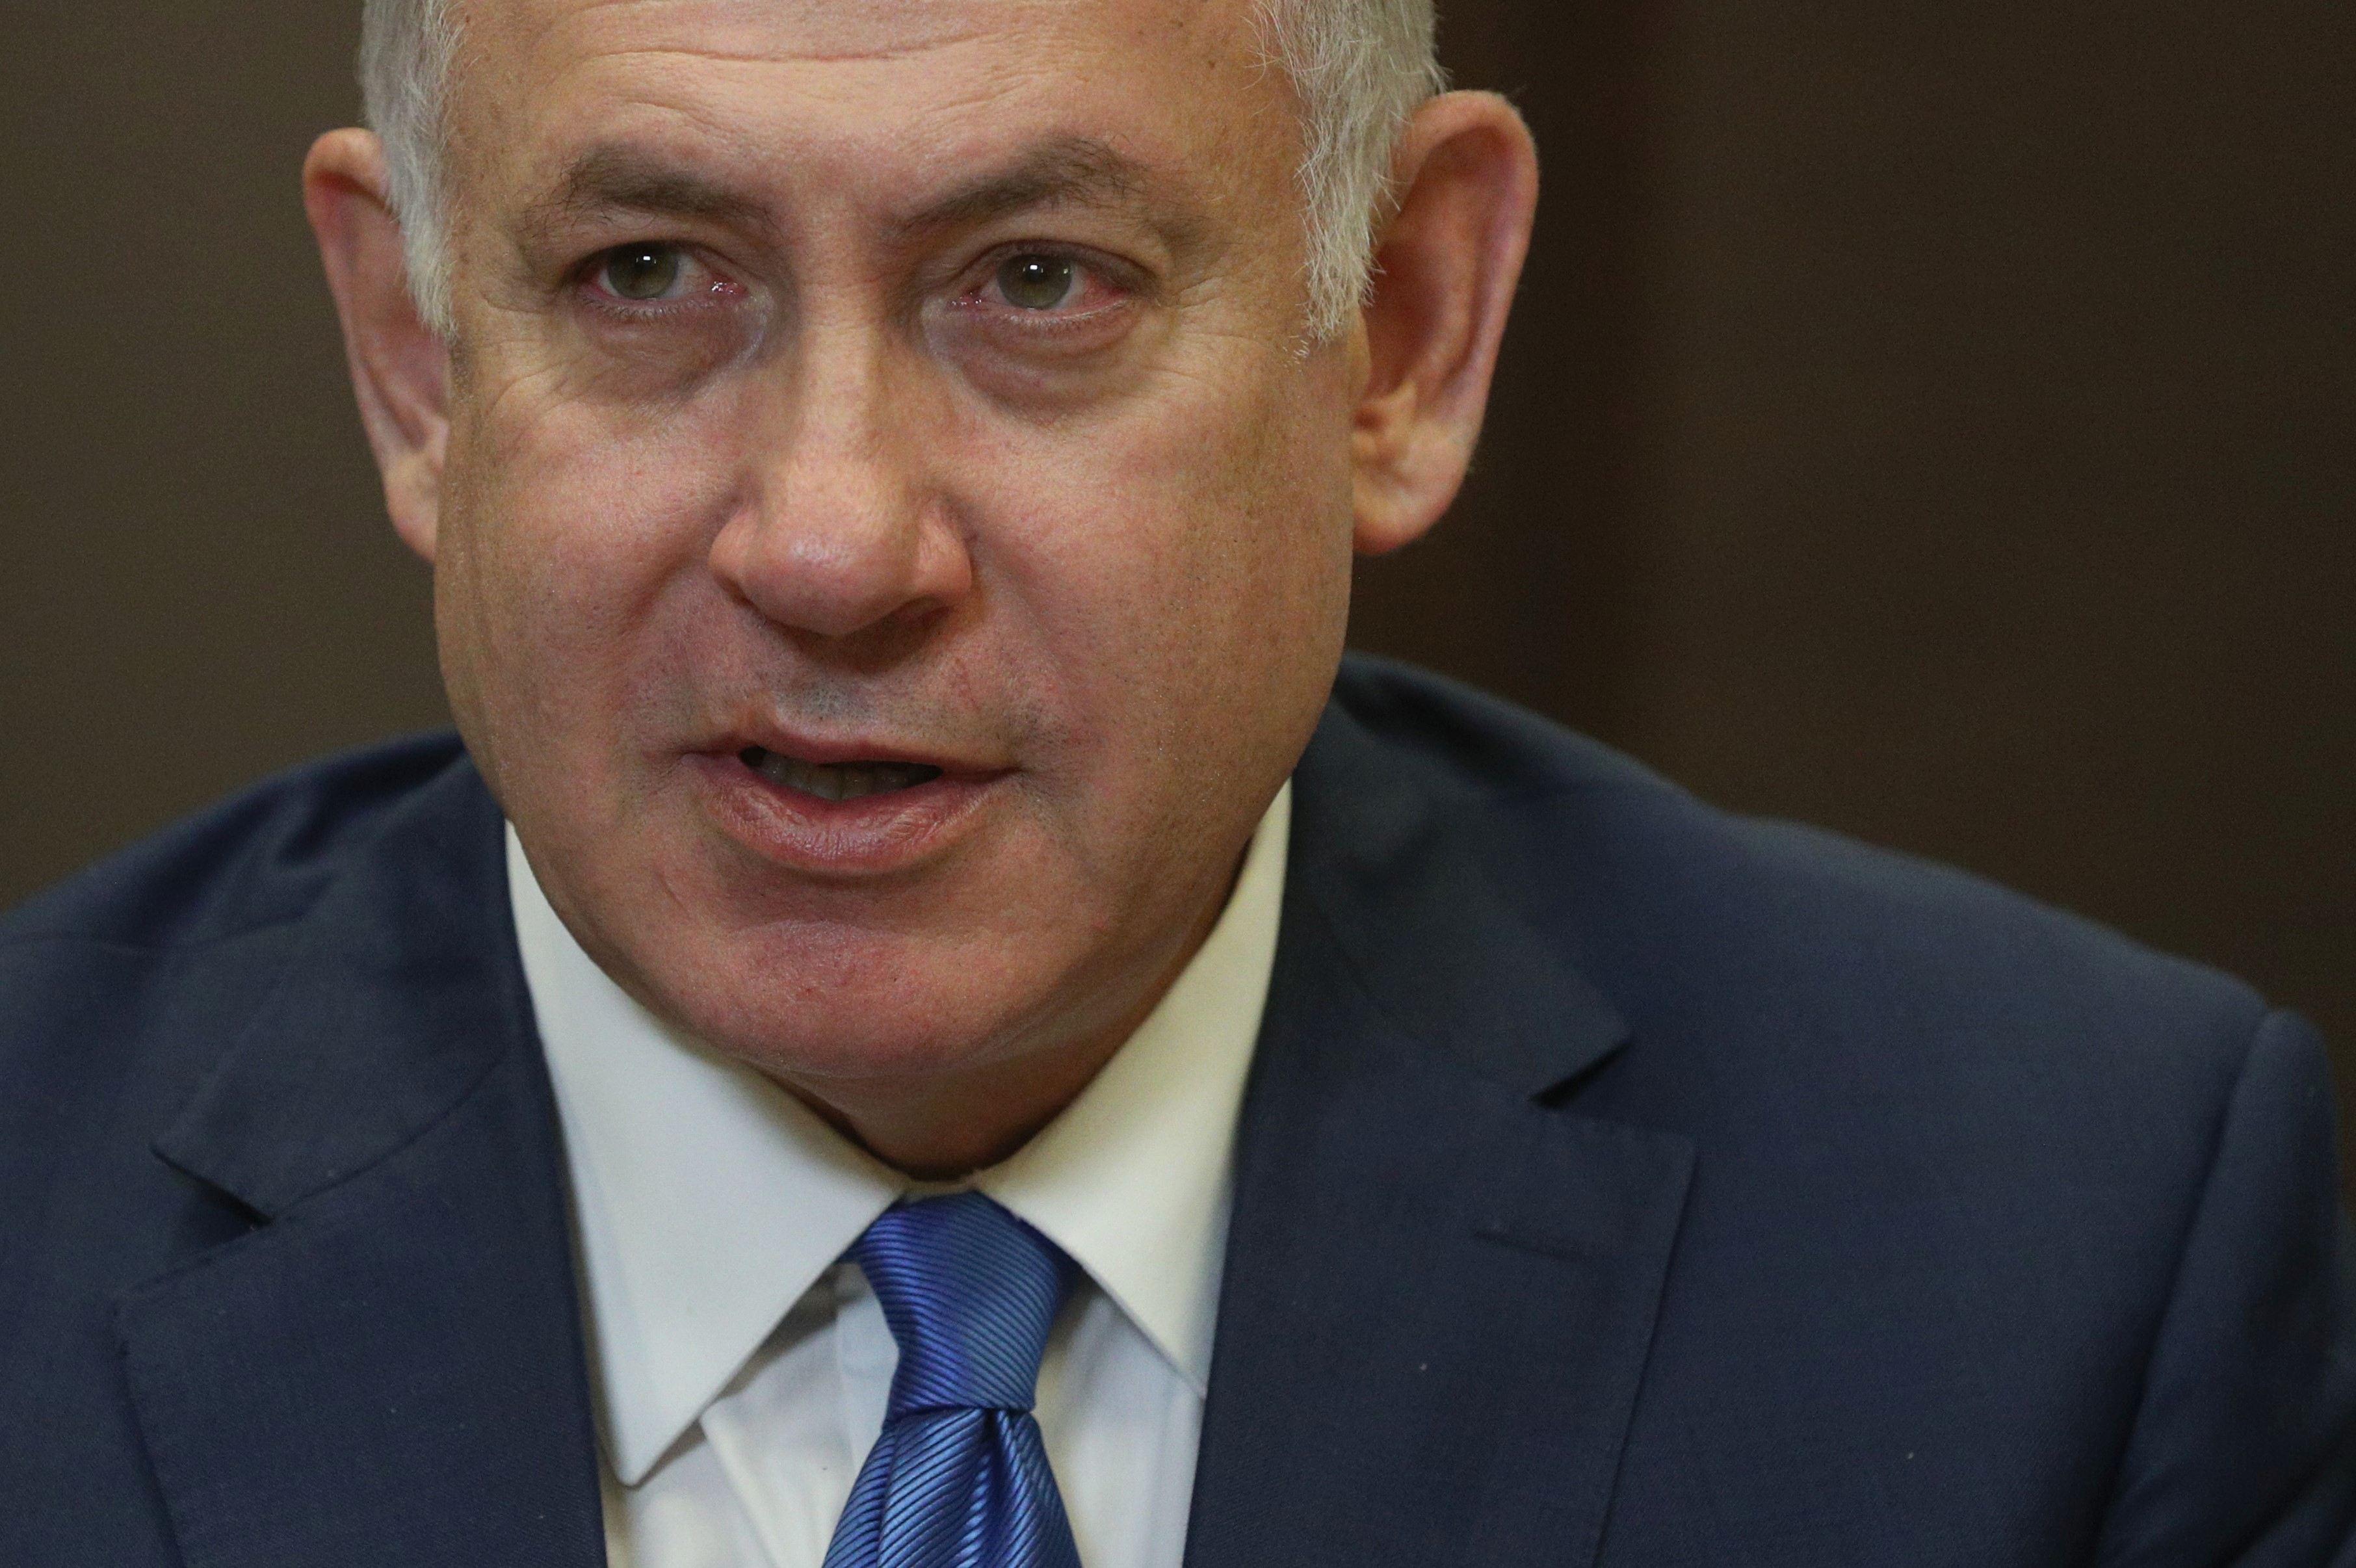 Parlamentul israelian a ratificat legea aspru criticată de opoziţia premierului Netanyahu: ce nu va mai avea voie să facă poliţia